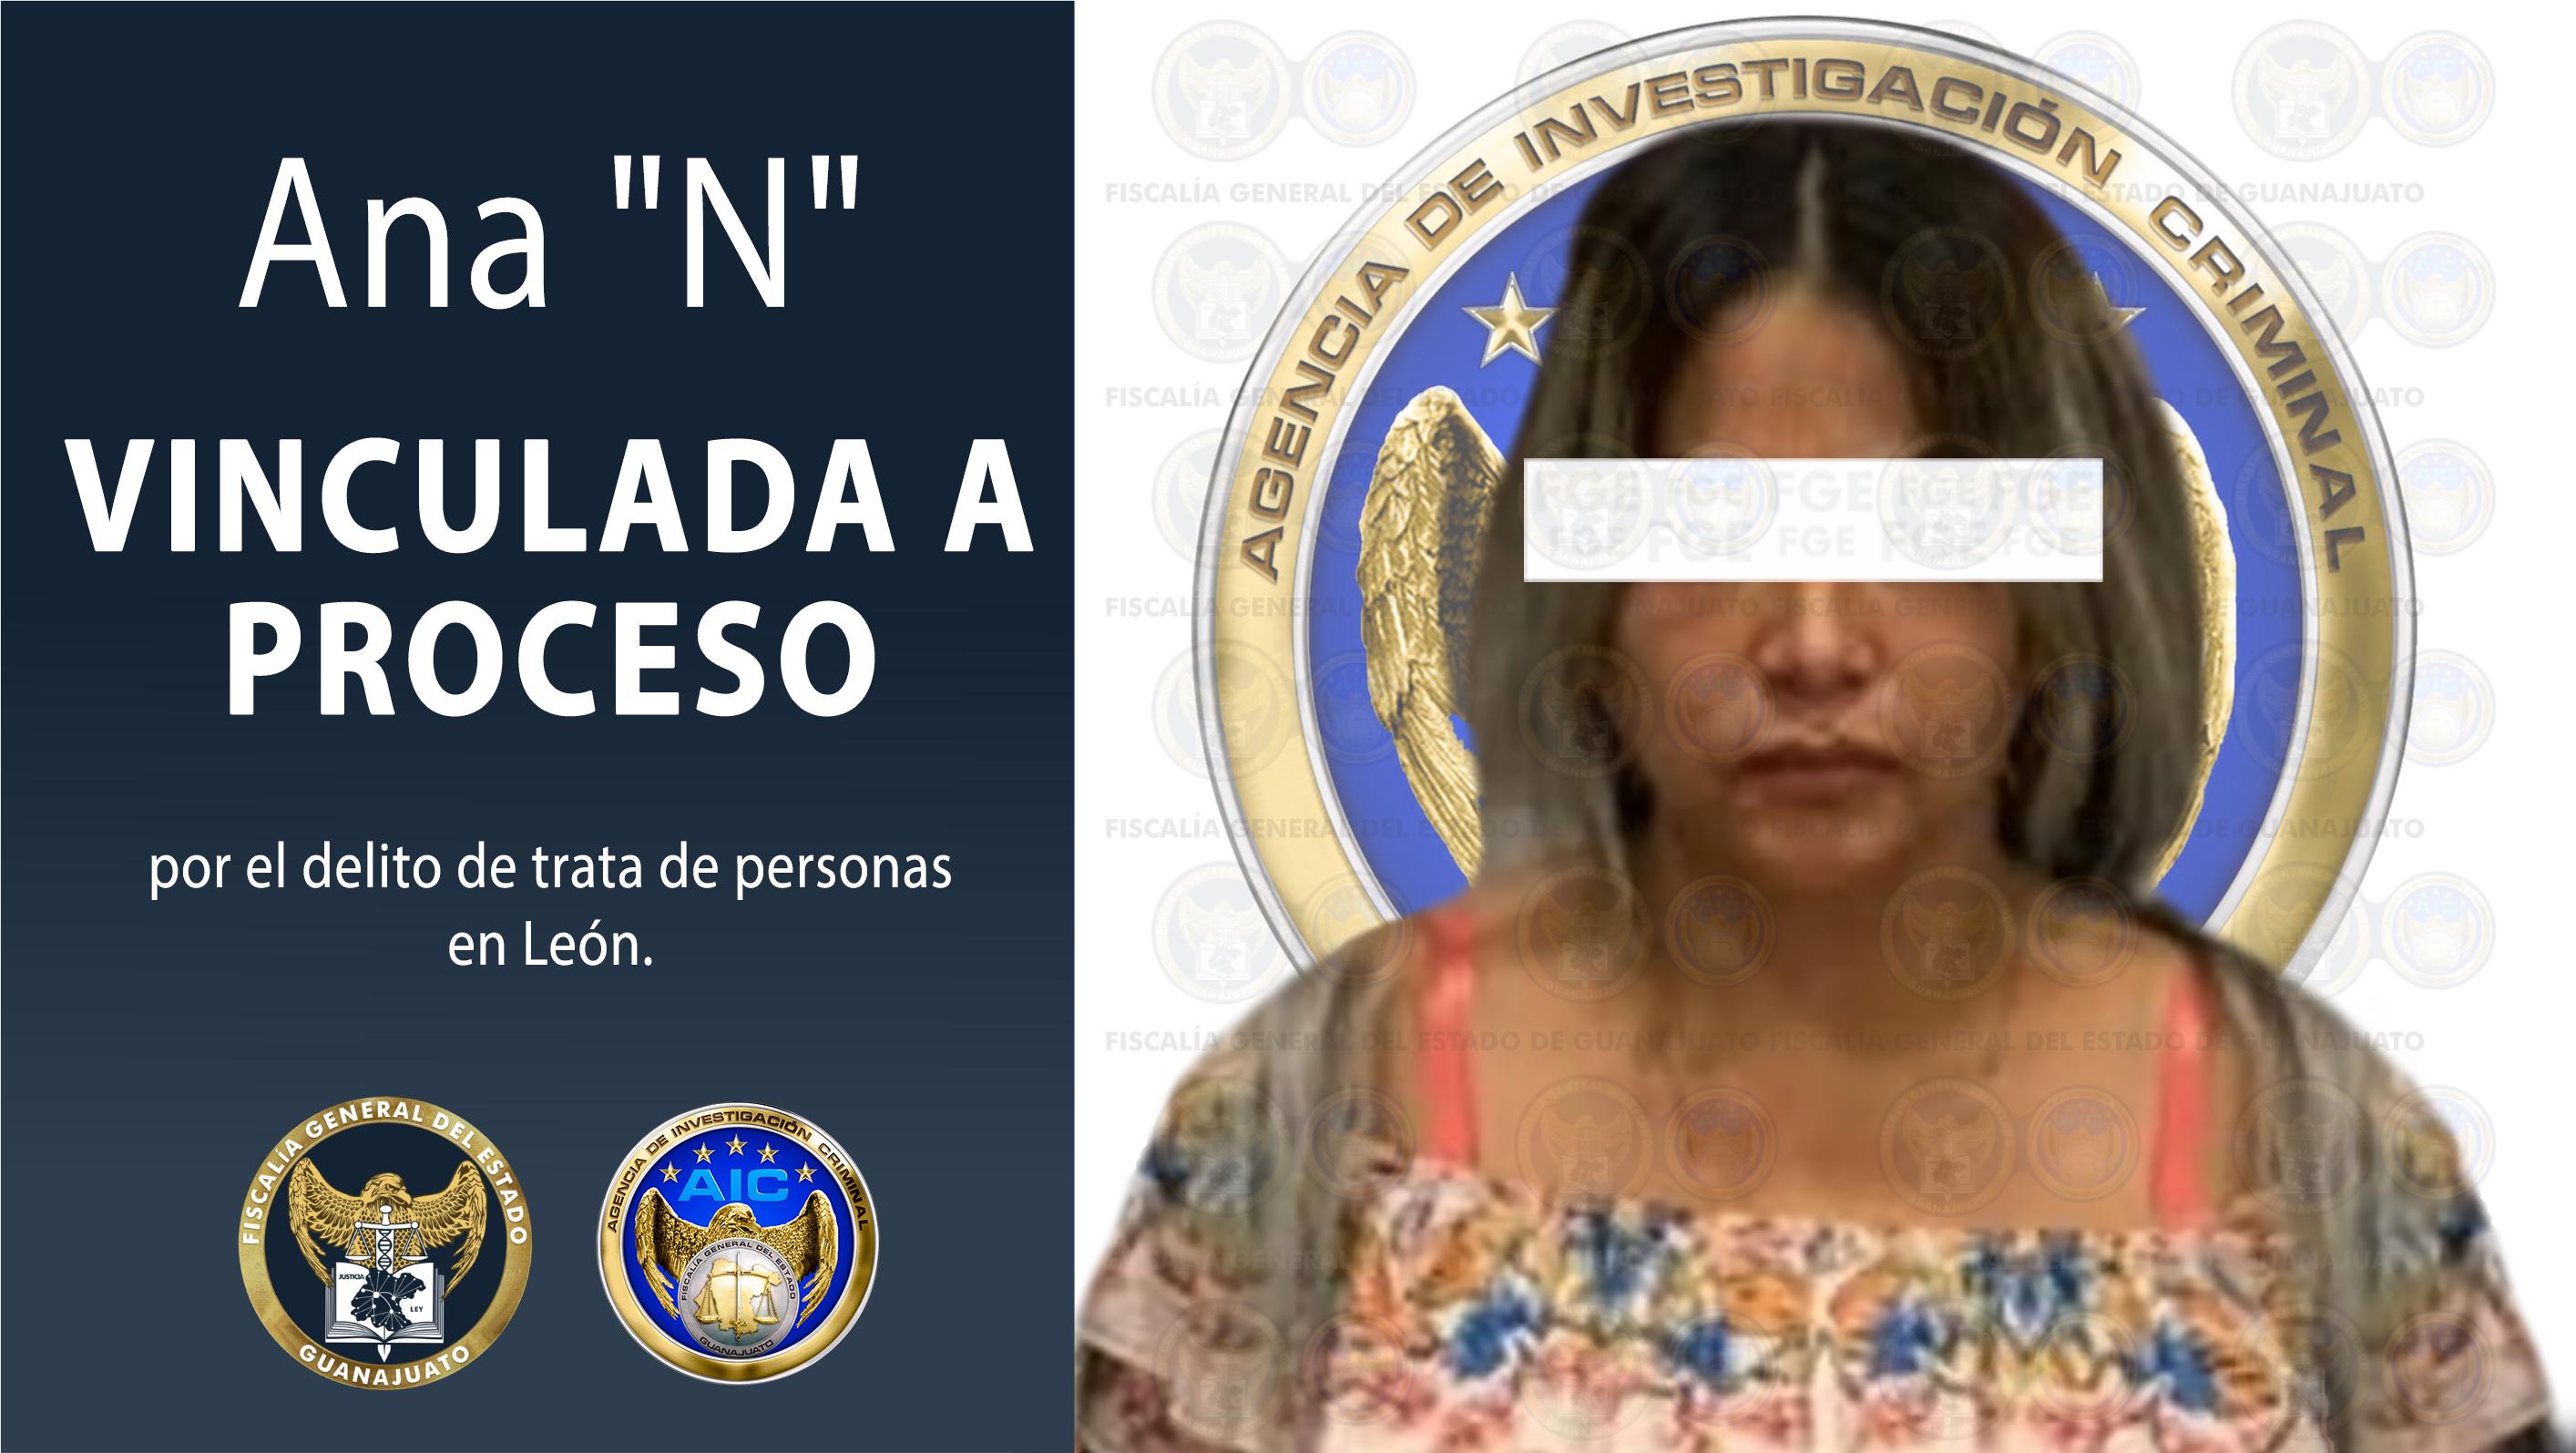 """Vinculan a proceso a Ana """"N"""", imputada por el delito de trata de personas en León 4"""